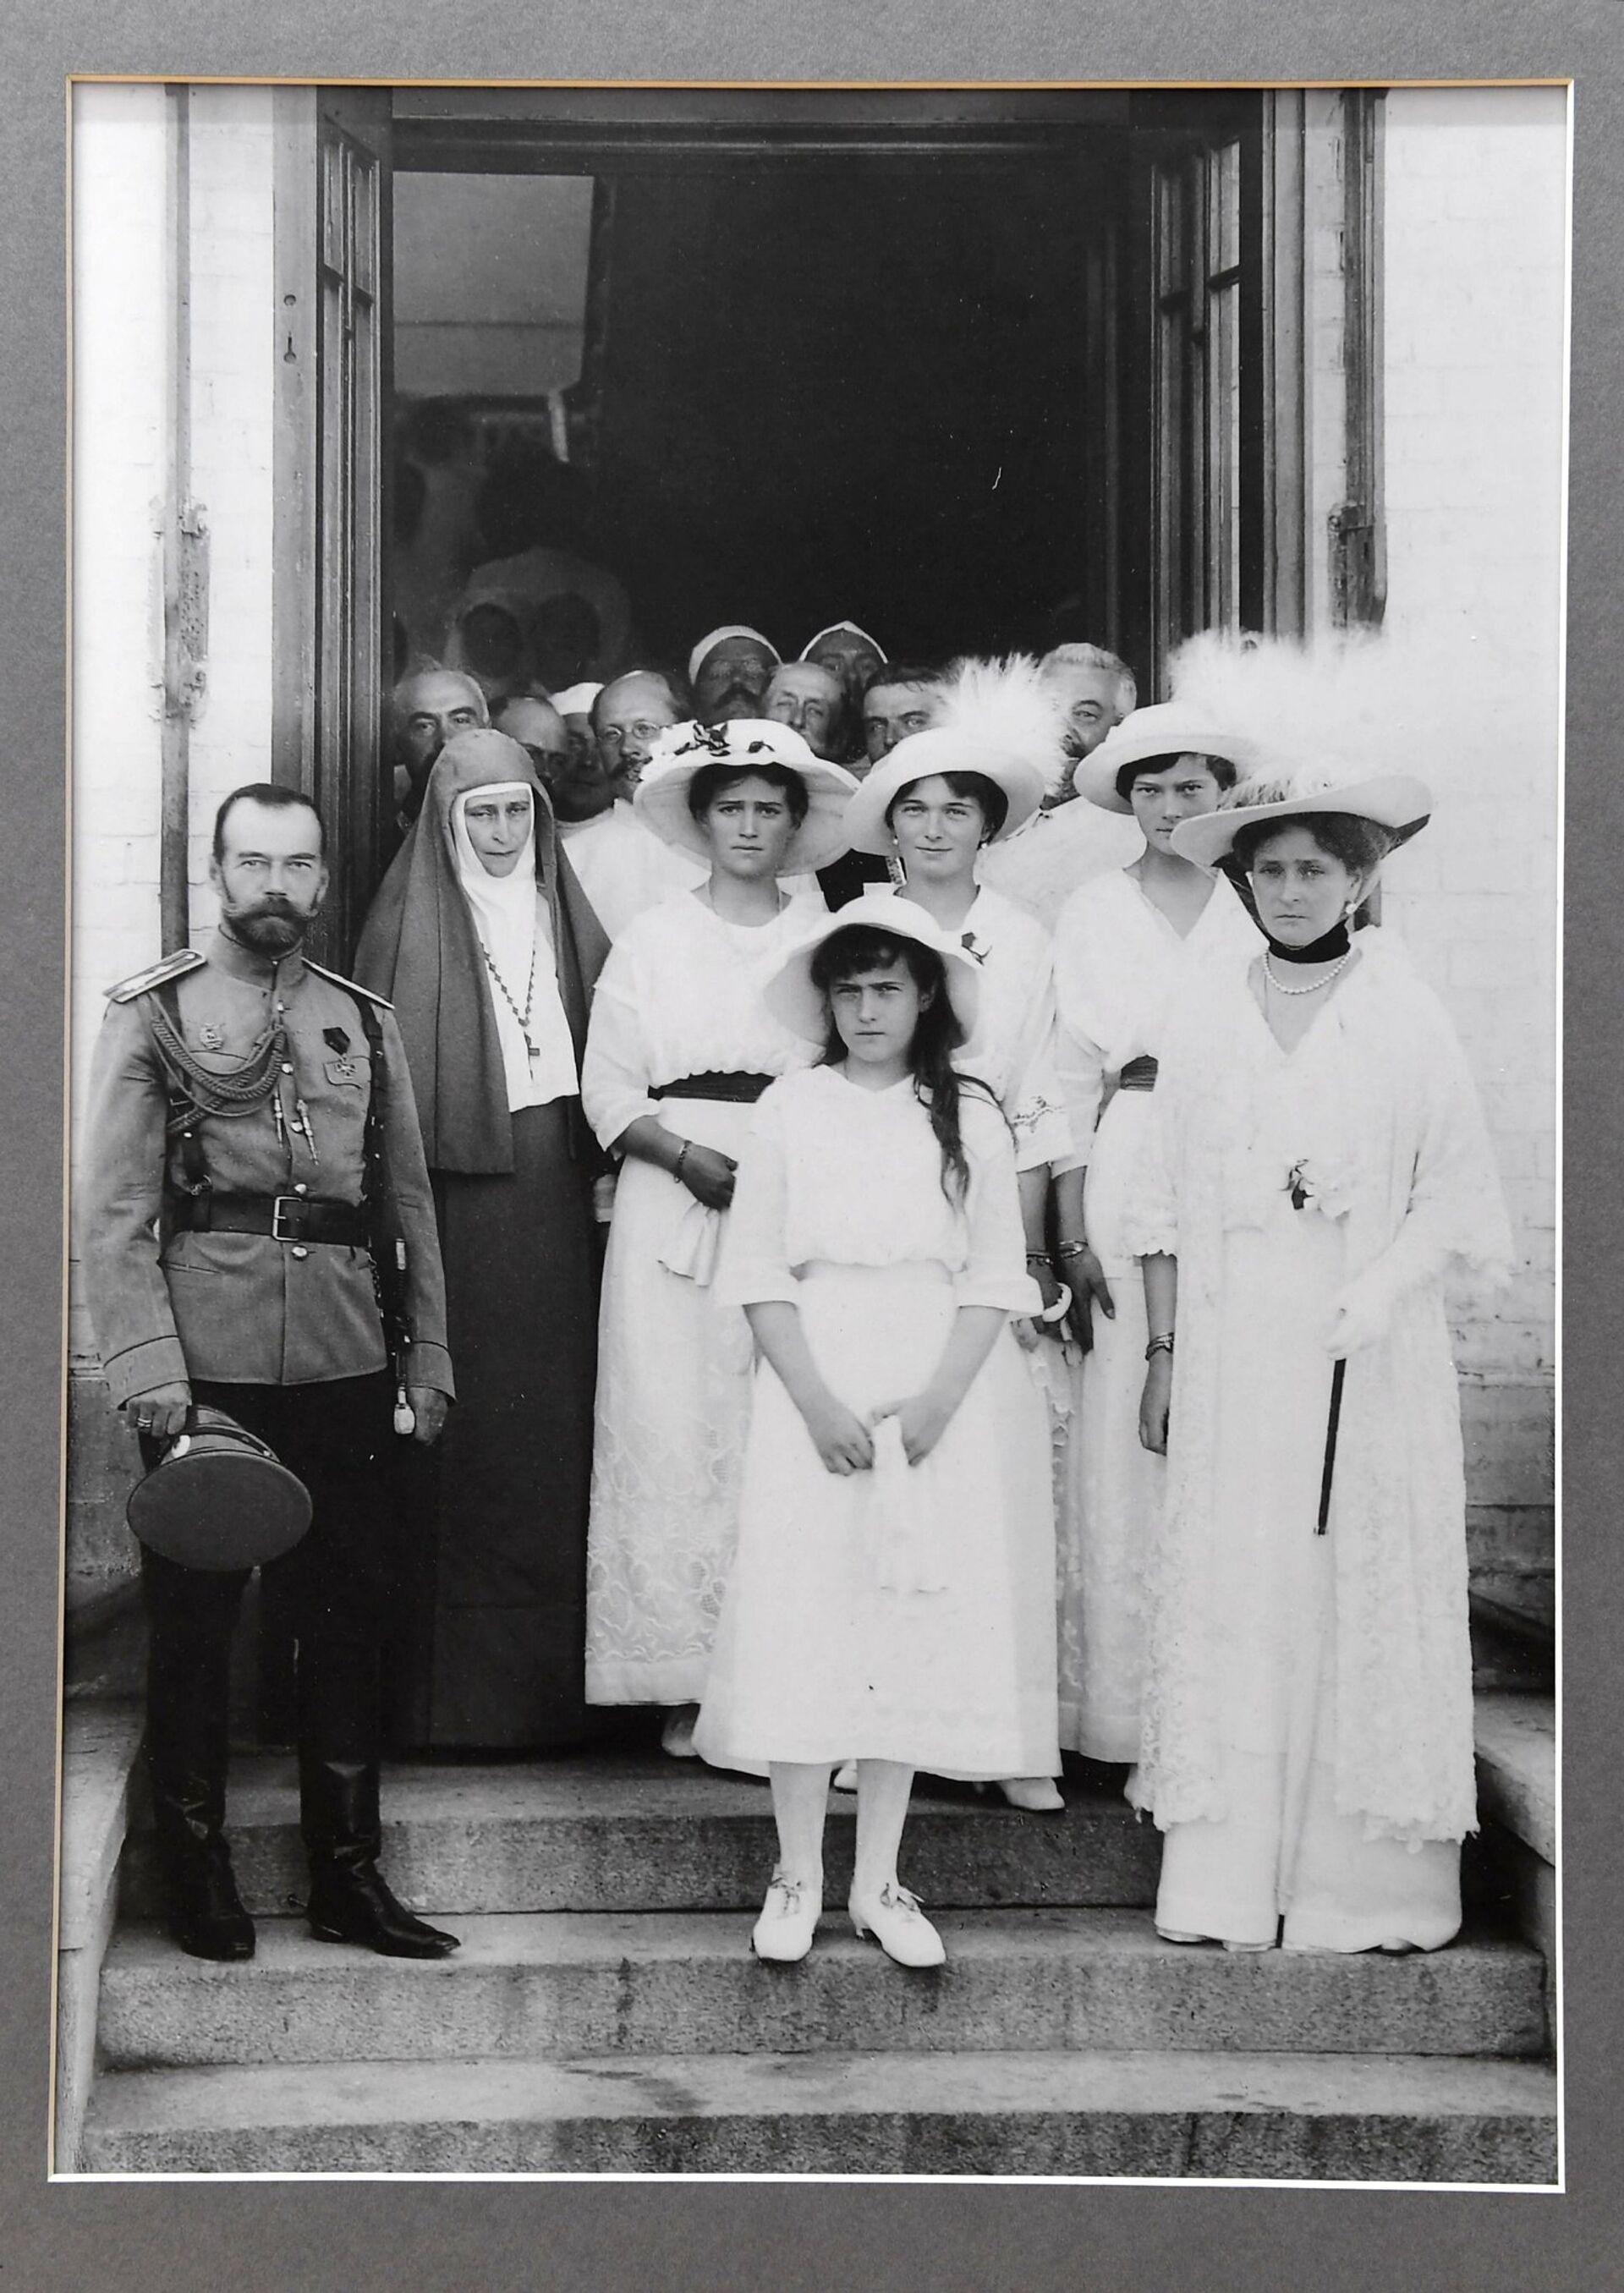 Фотография царской семьи в Музее памяти представителей Российского Императорского Дома Напольная школа в городе Алапаевске - РИА Новости, 1920, 09.02.2021